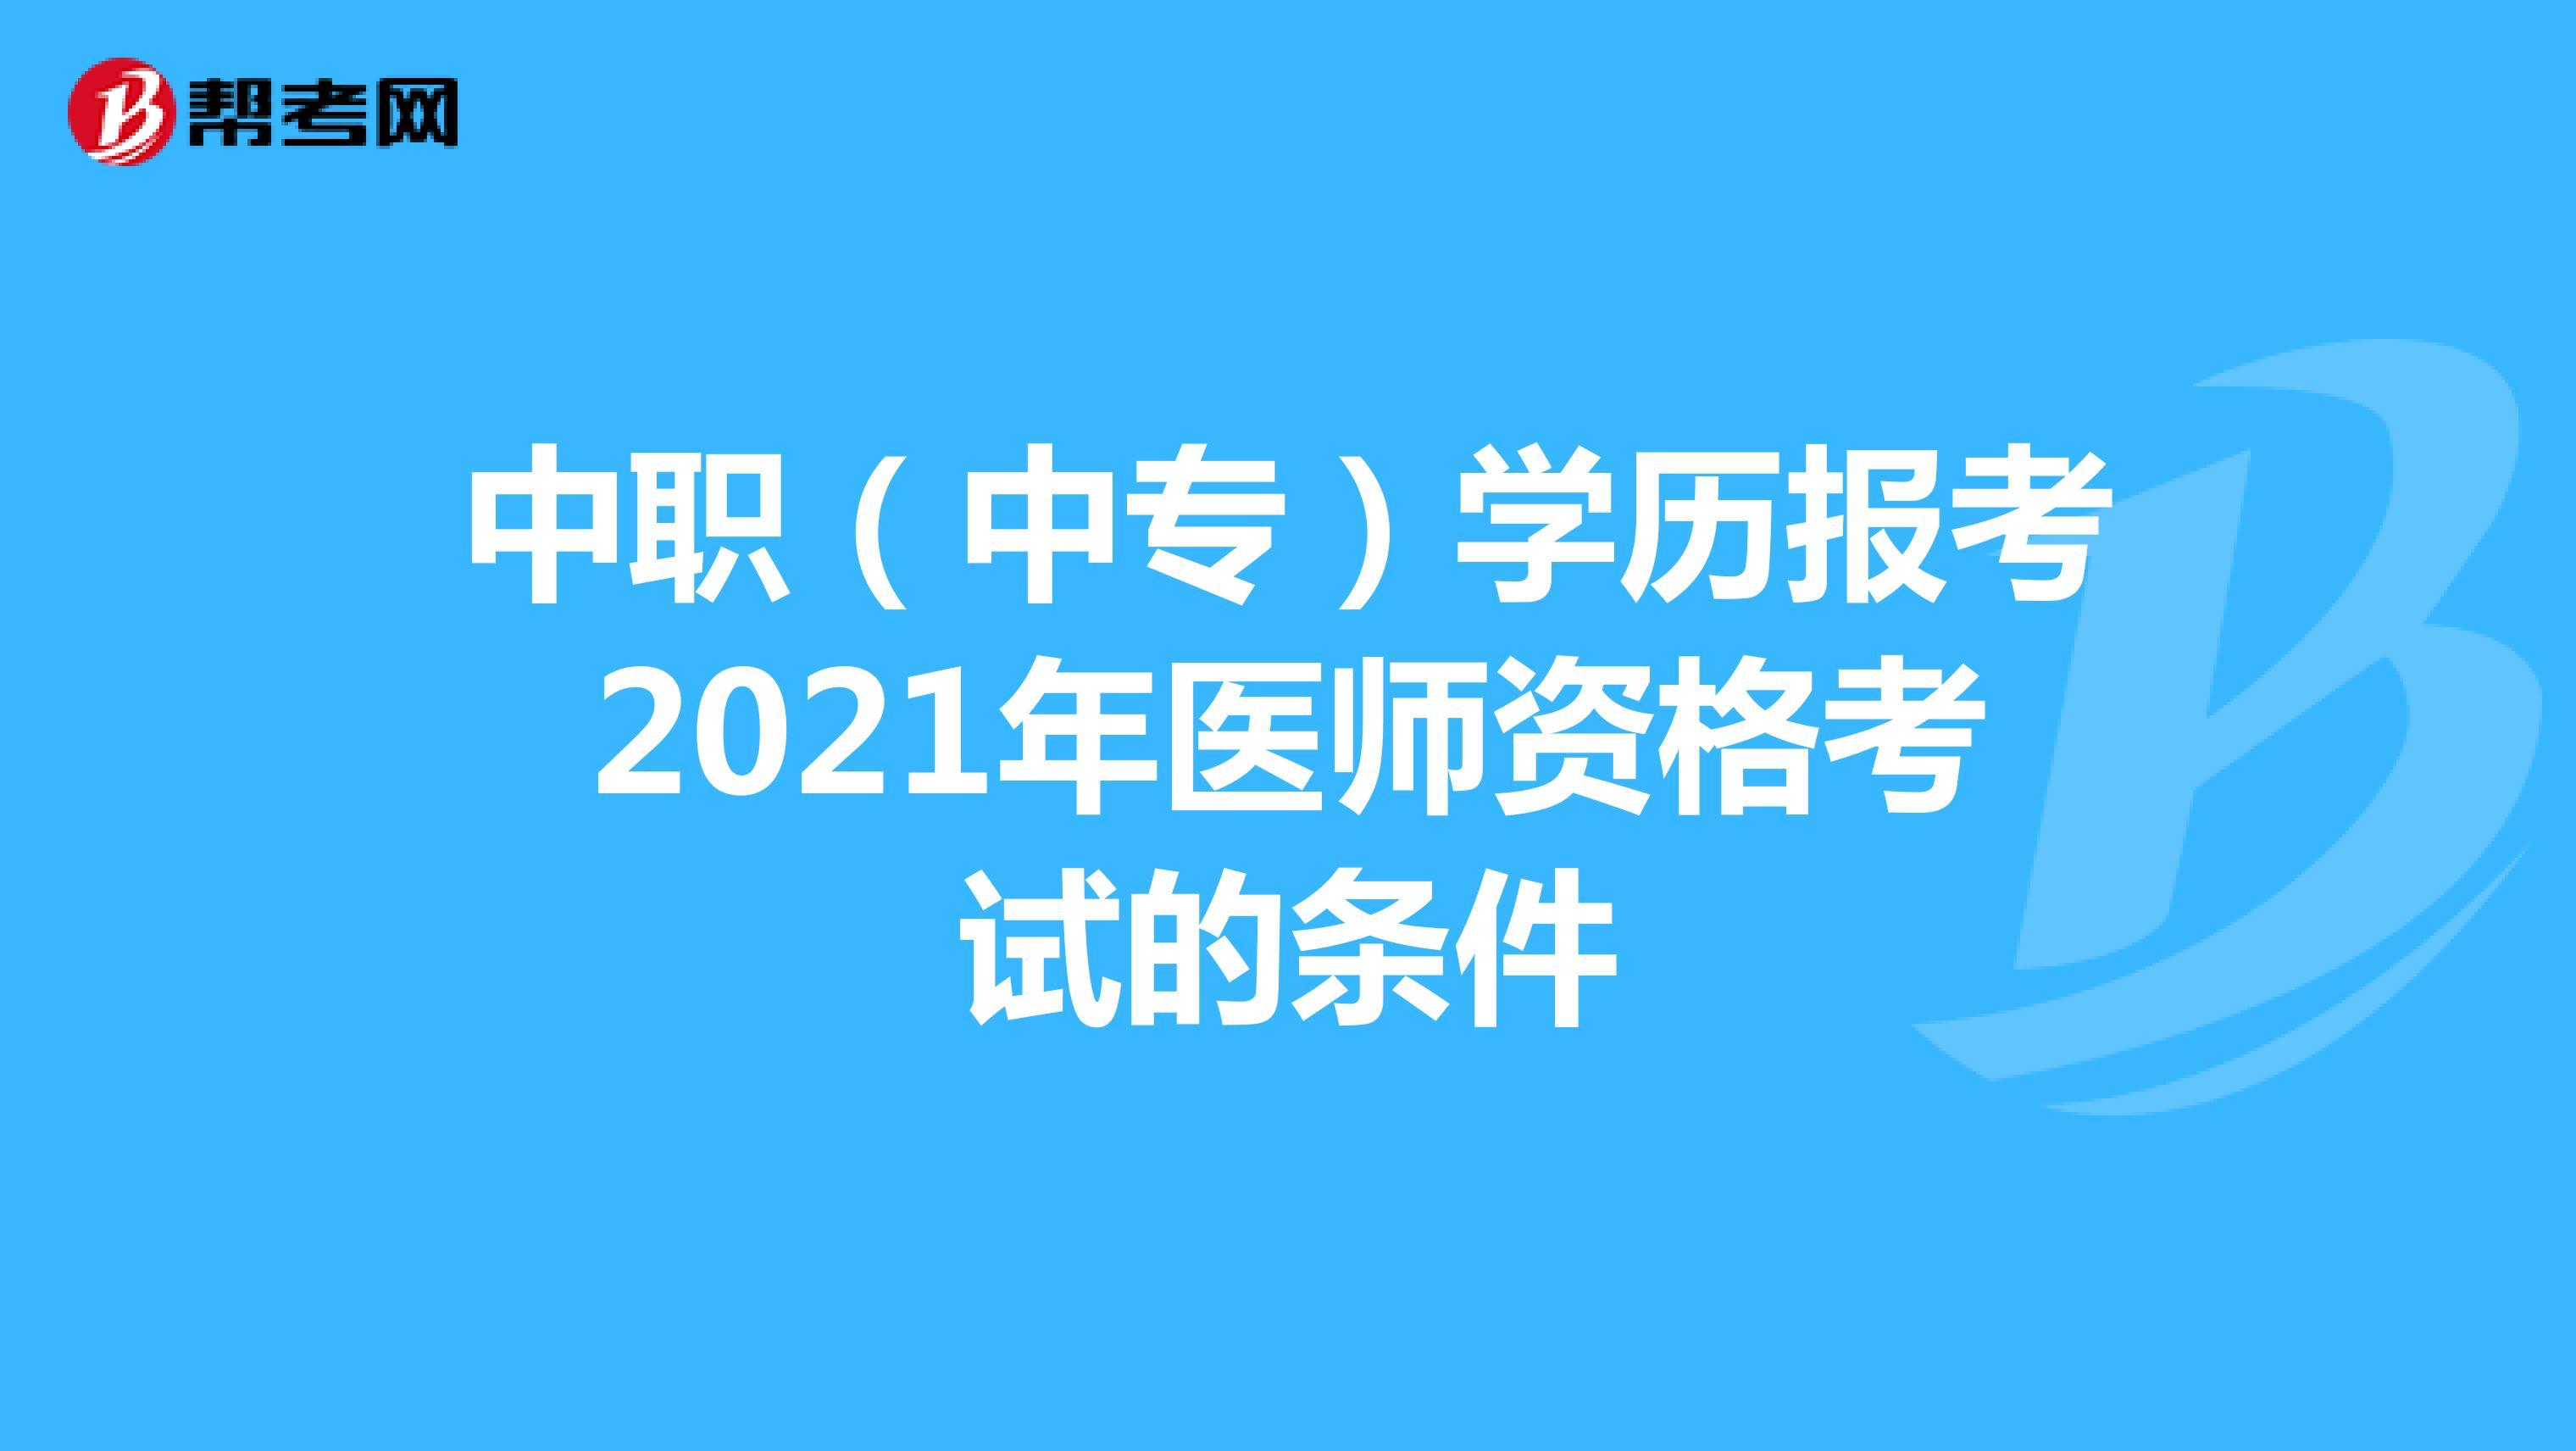 中職(中專)學歷報考2021年醫師資格考試的條件